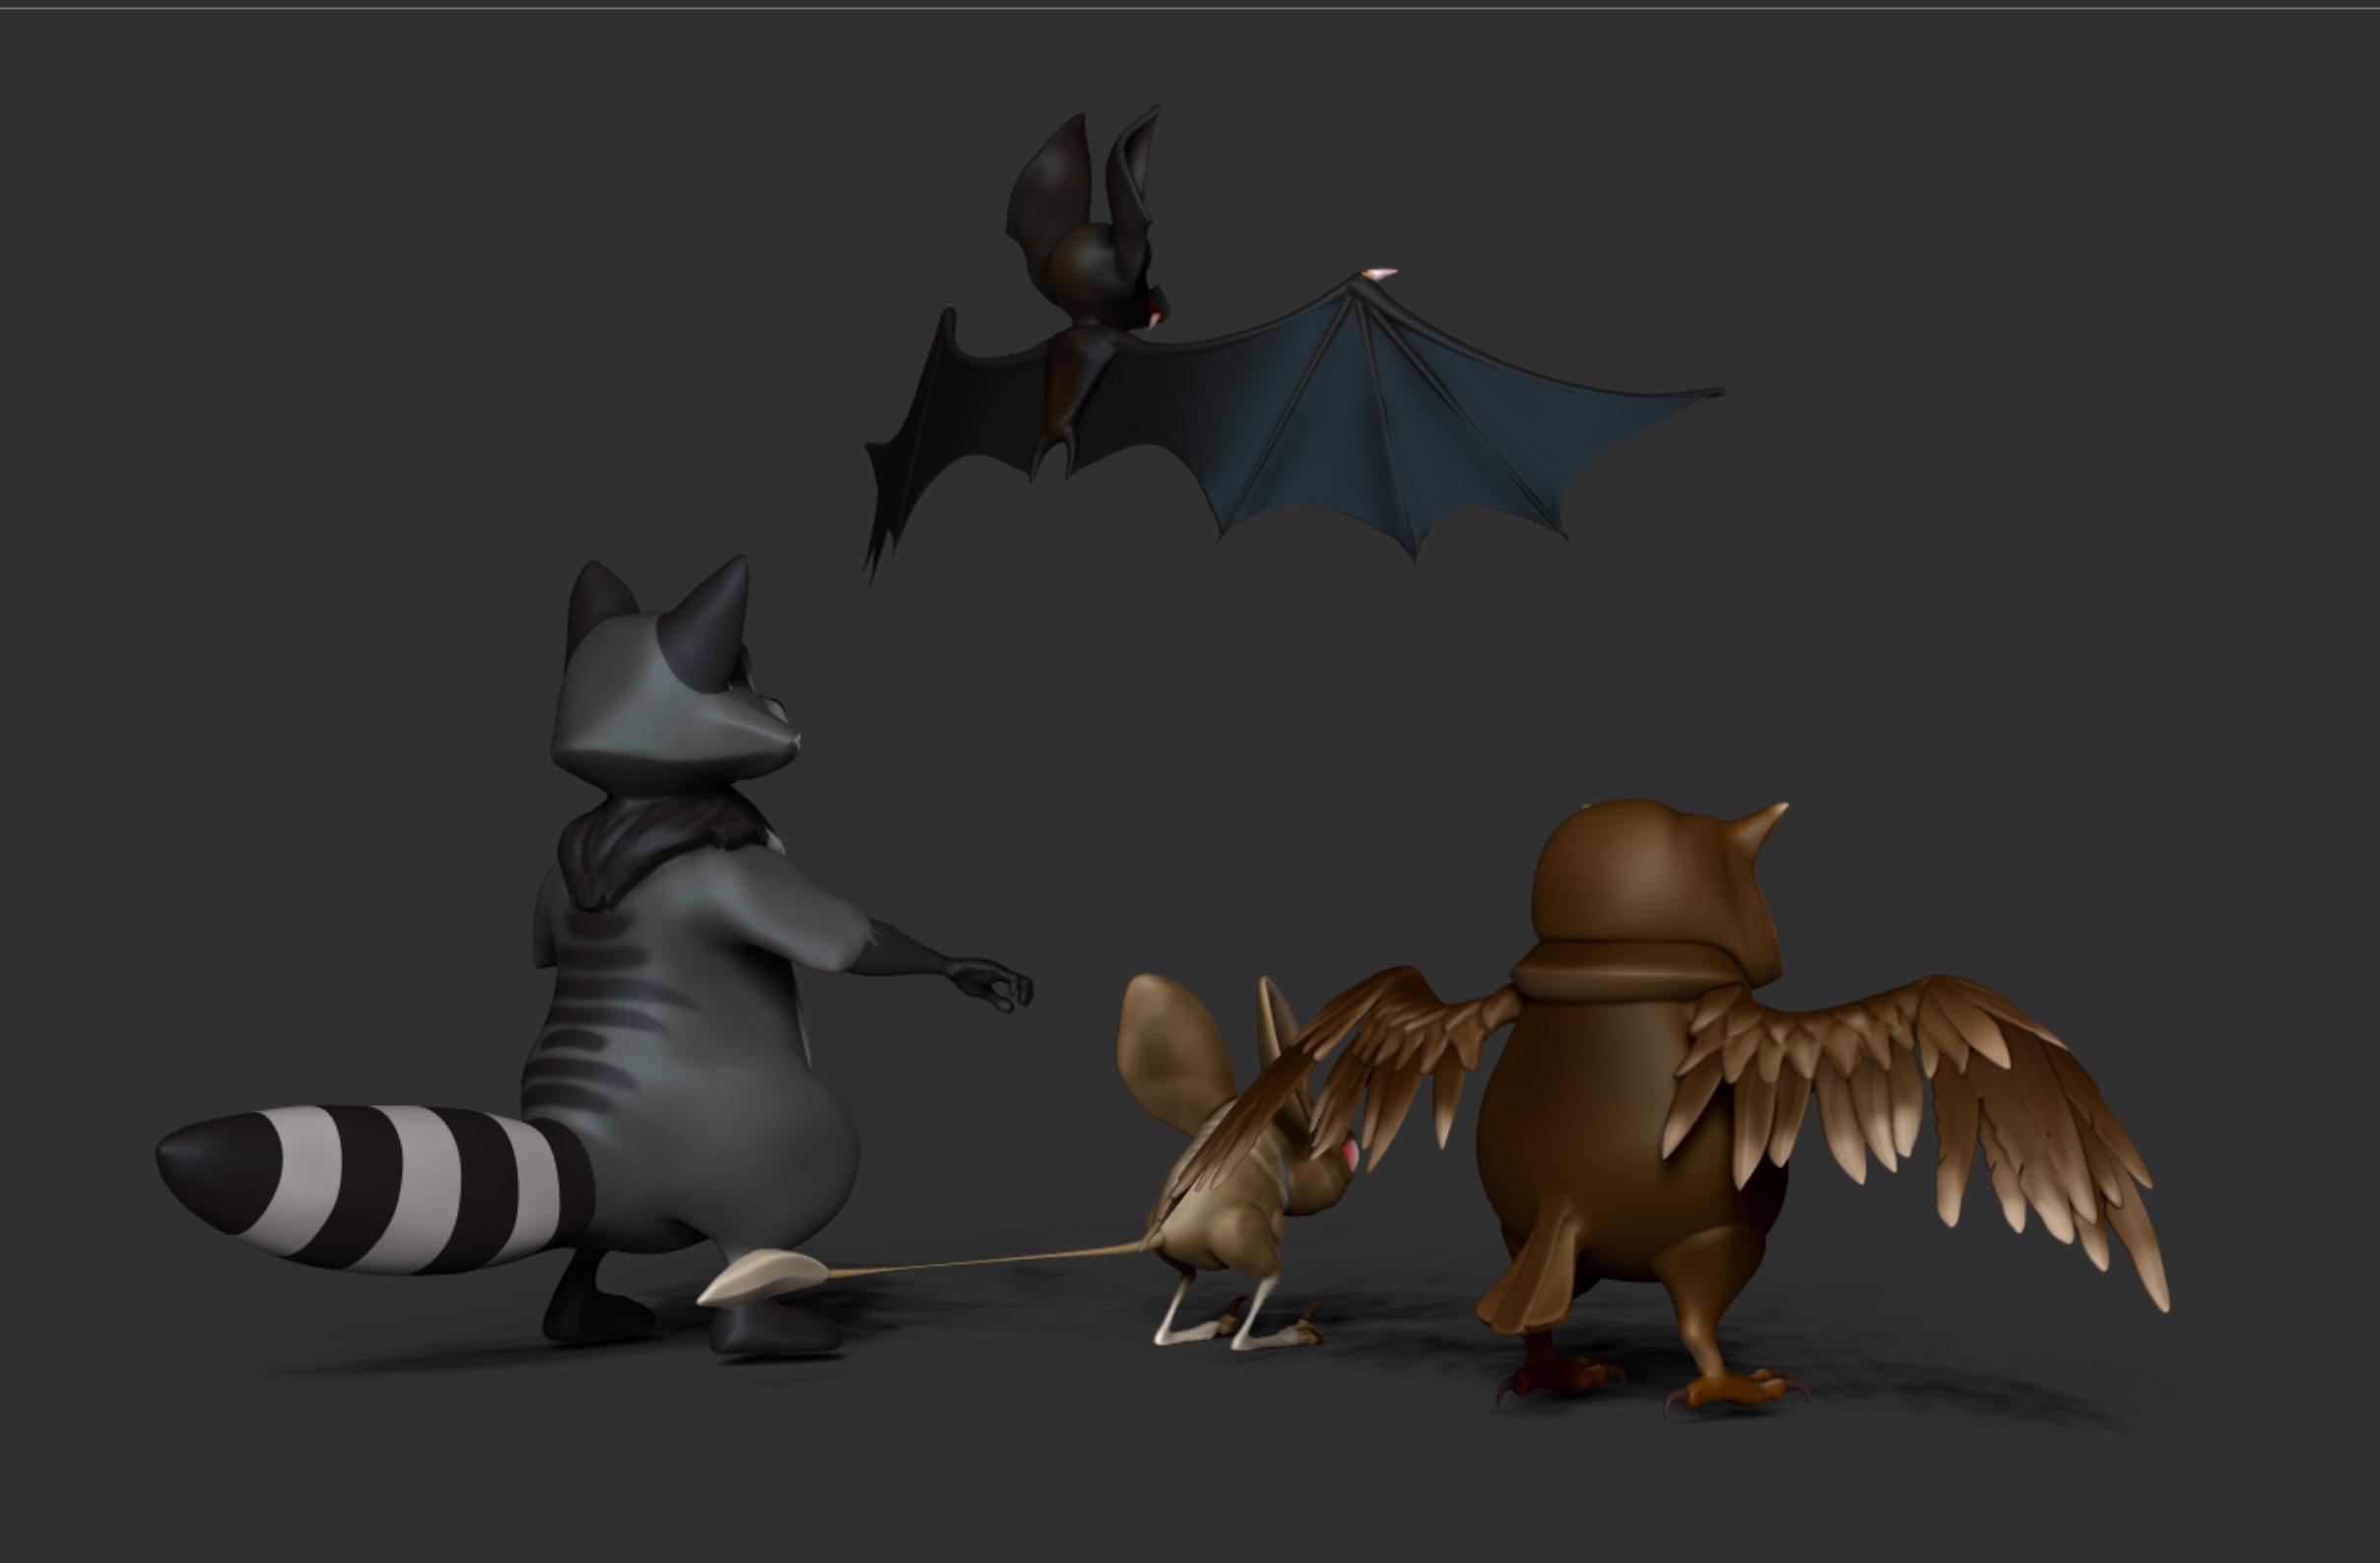 picturemessage_bdho1pbh.rjo | В 3D-шутер требуются 3d-художники, аниматоры и концептеры.